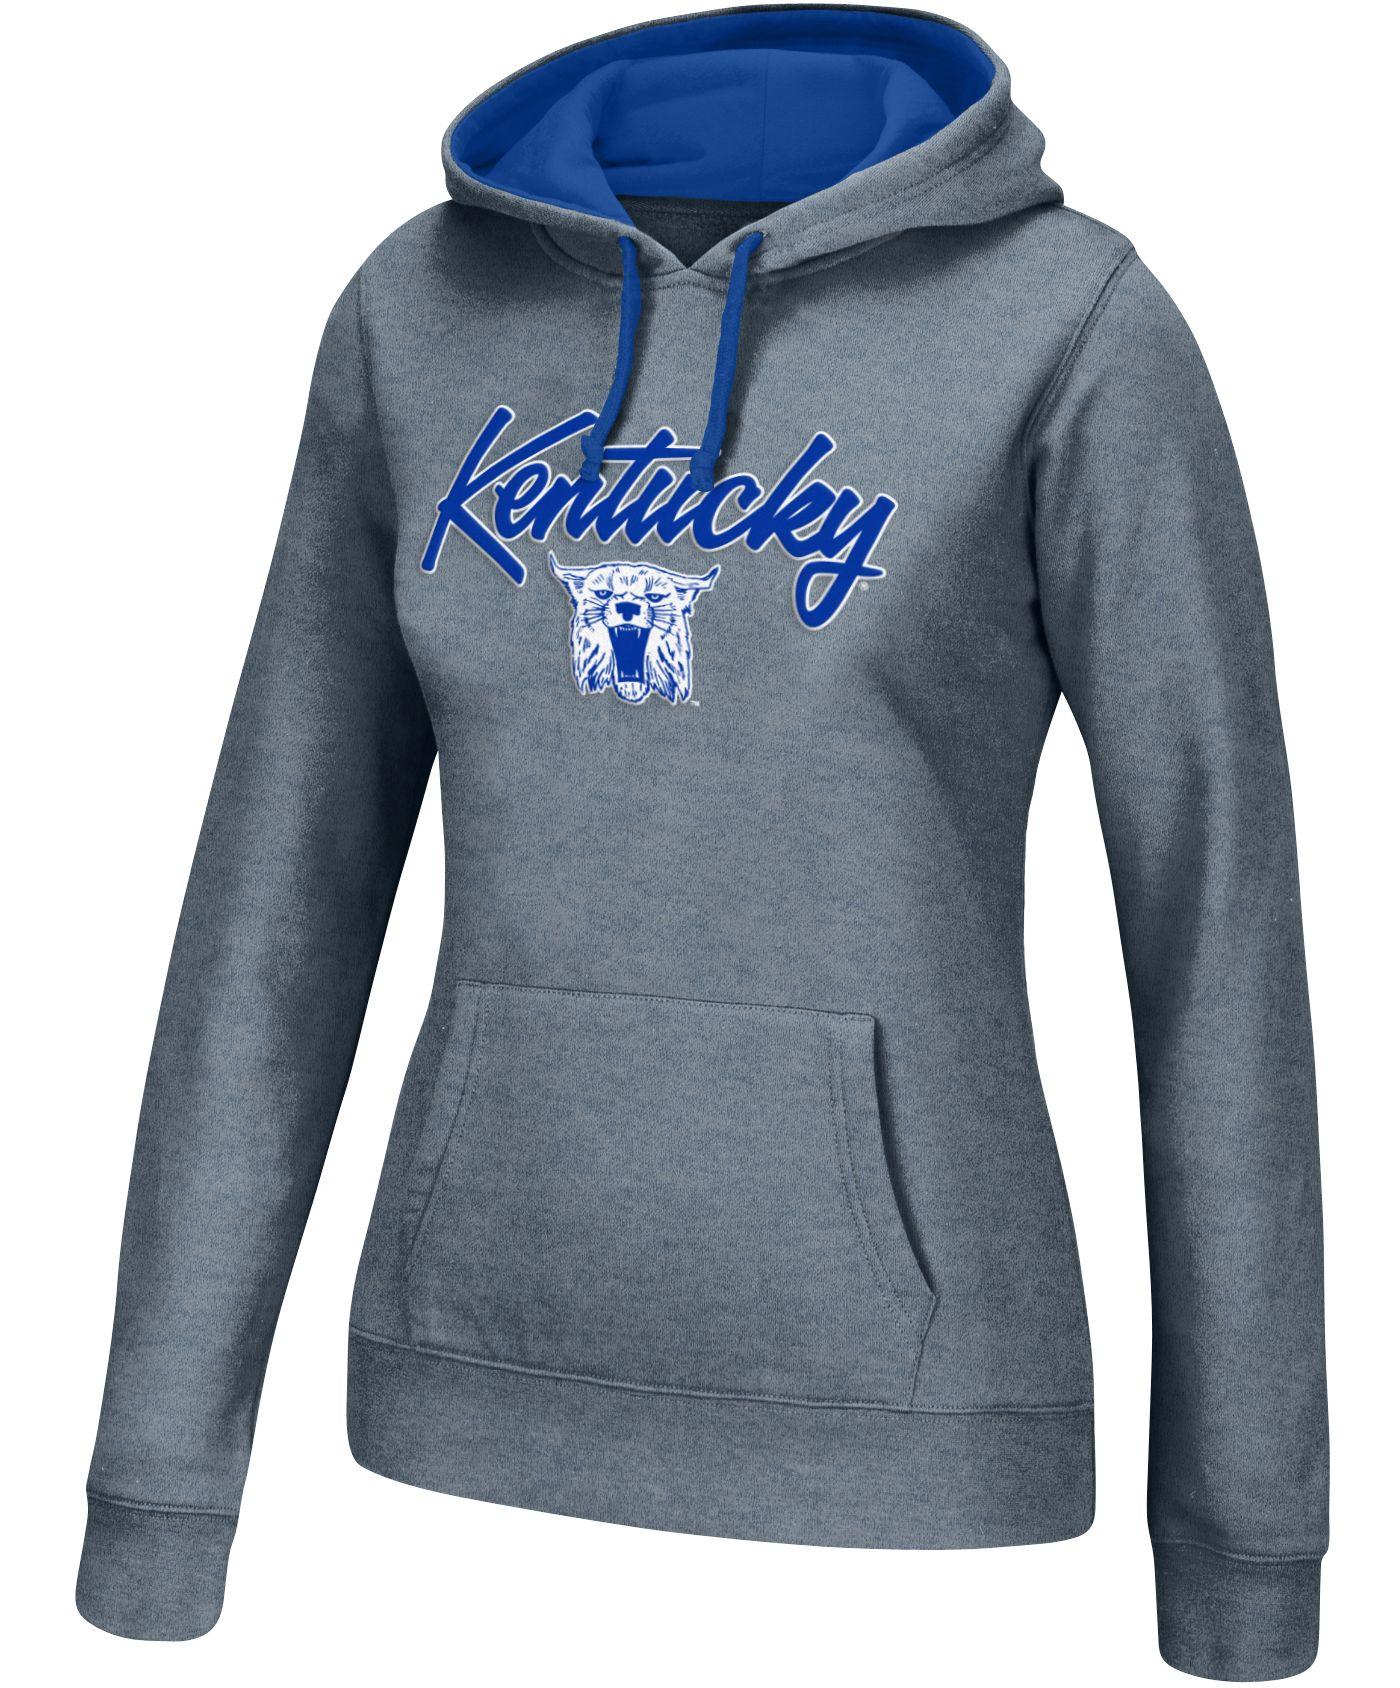 Top of the World Women's Kentucky Wildcats Grey Essential Hoodie